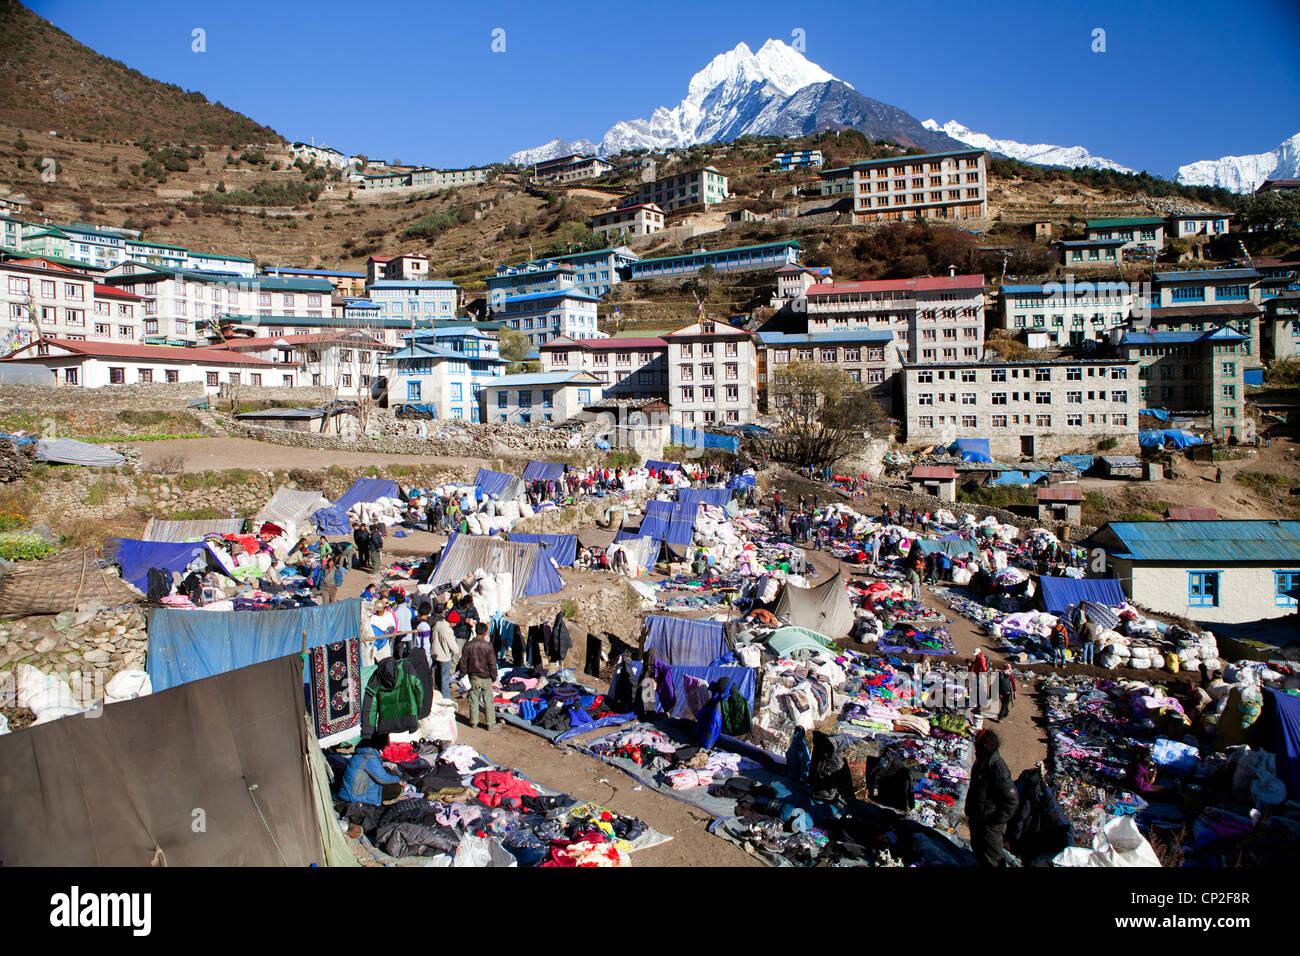 View over the Tibetan market at Namche Bazaar - Stock Image